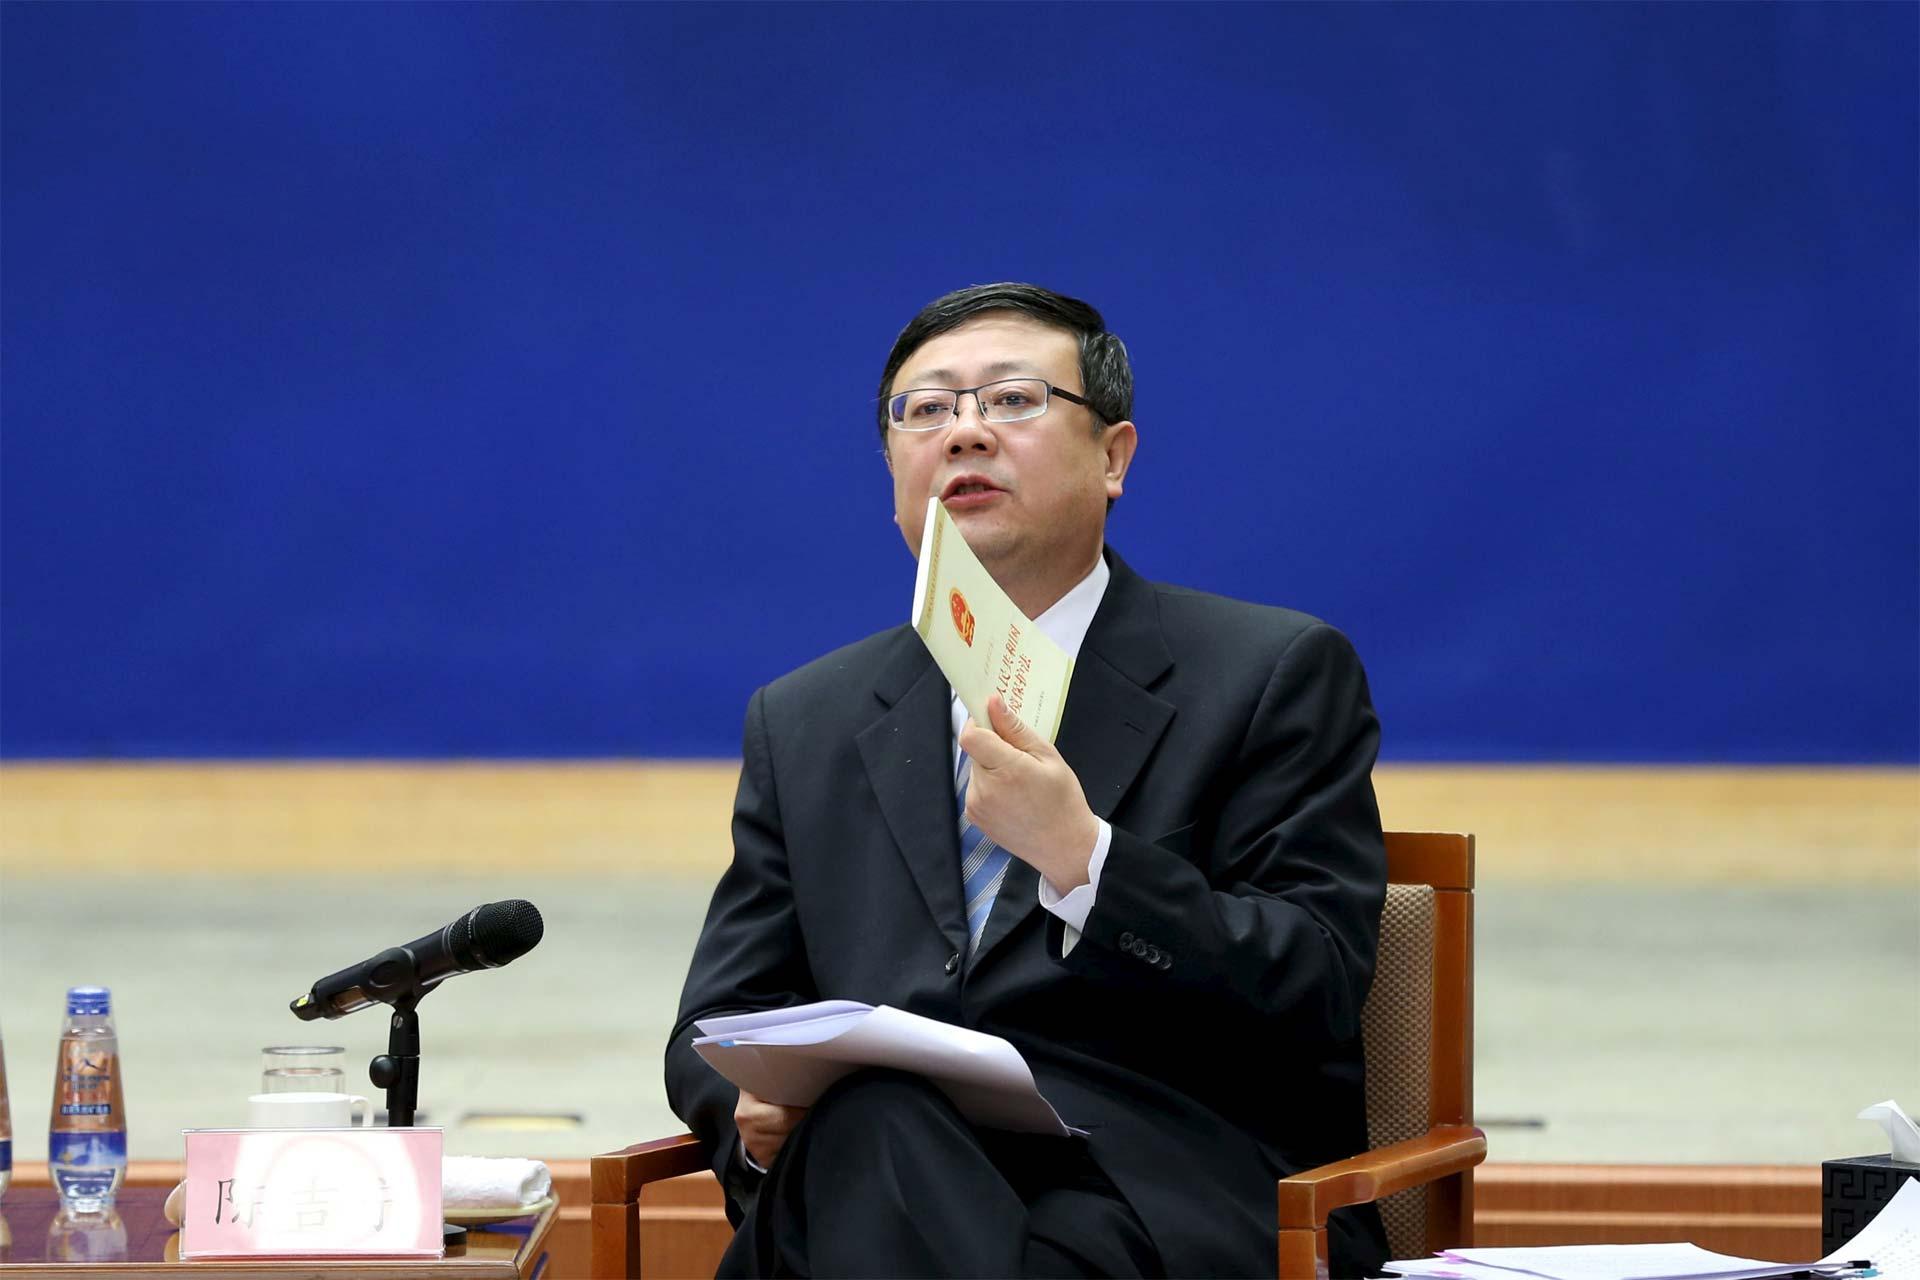 El ministros de Medio Ambiente aseguró que el país asiático está comprometido en bajar lo niveles de polución